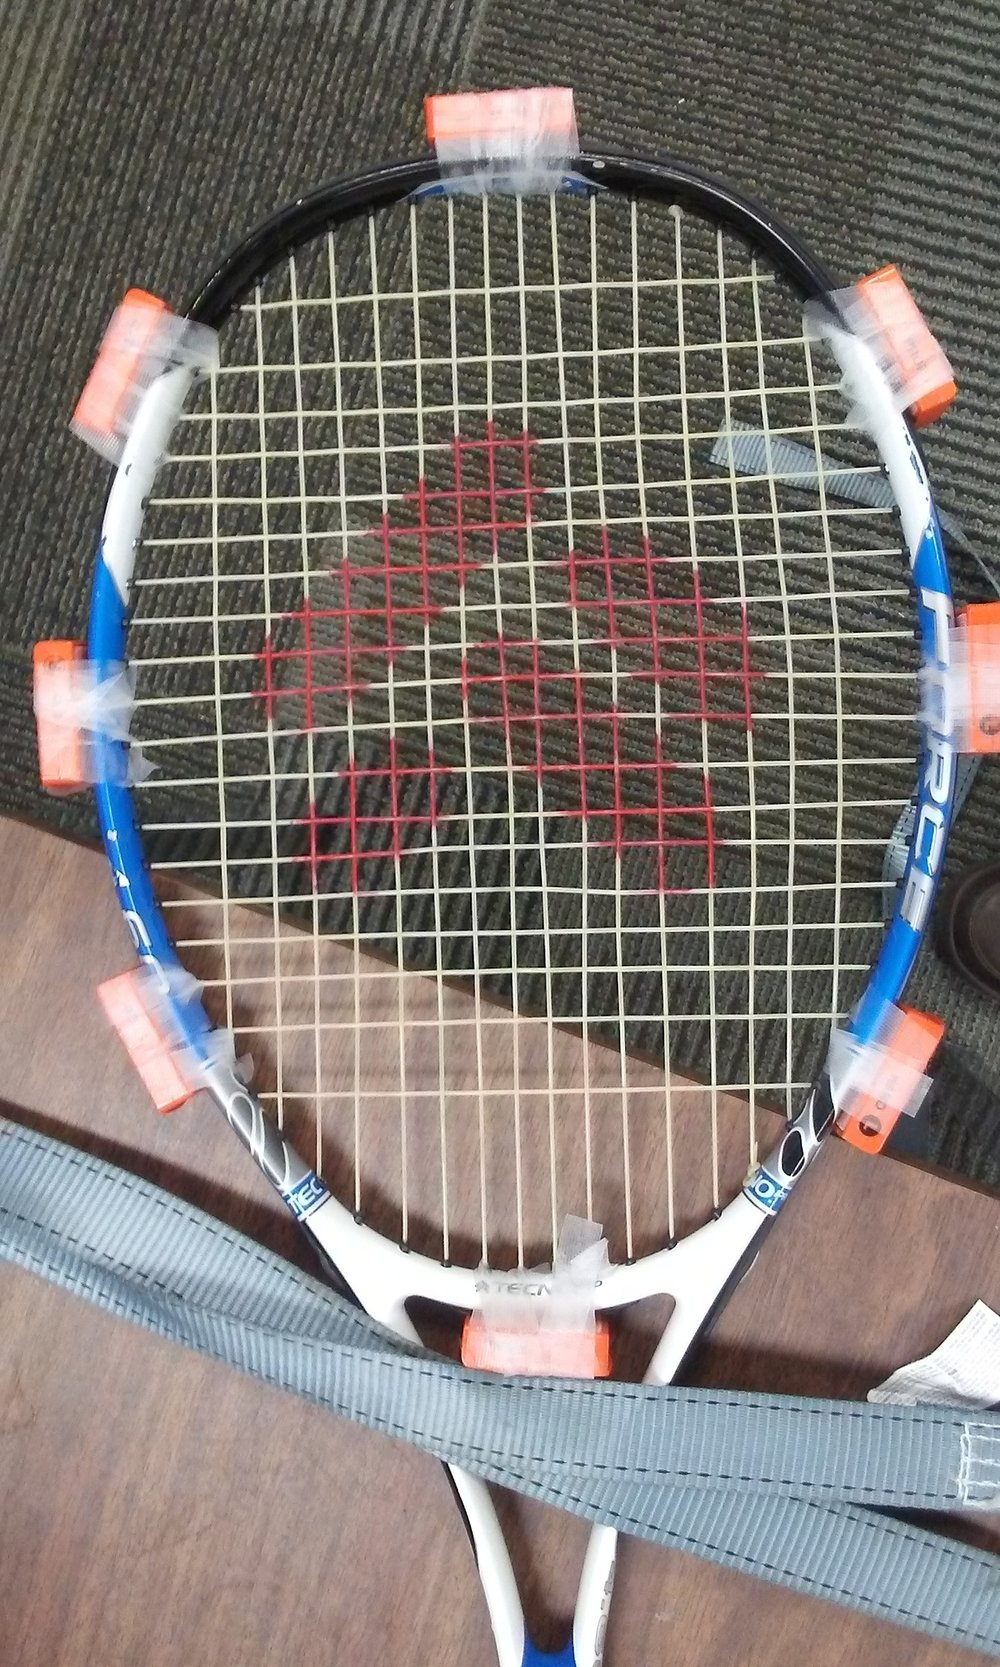 Tennis Apparatus